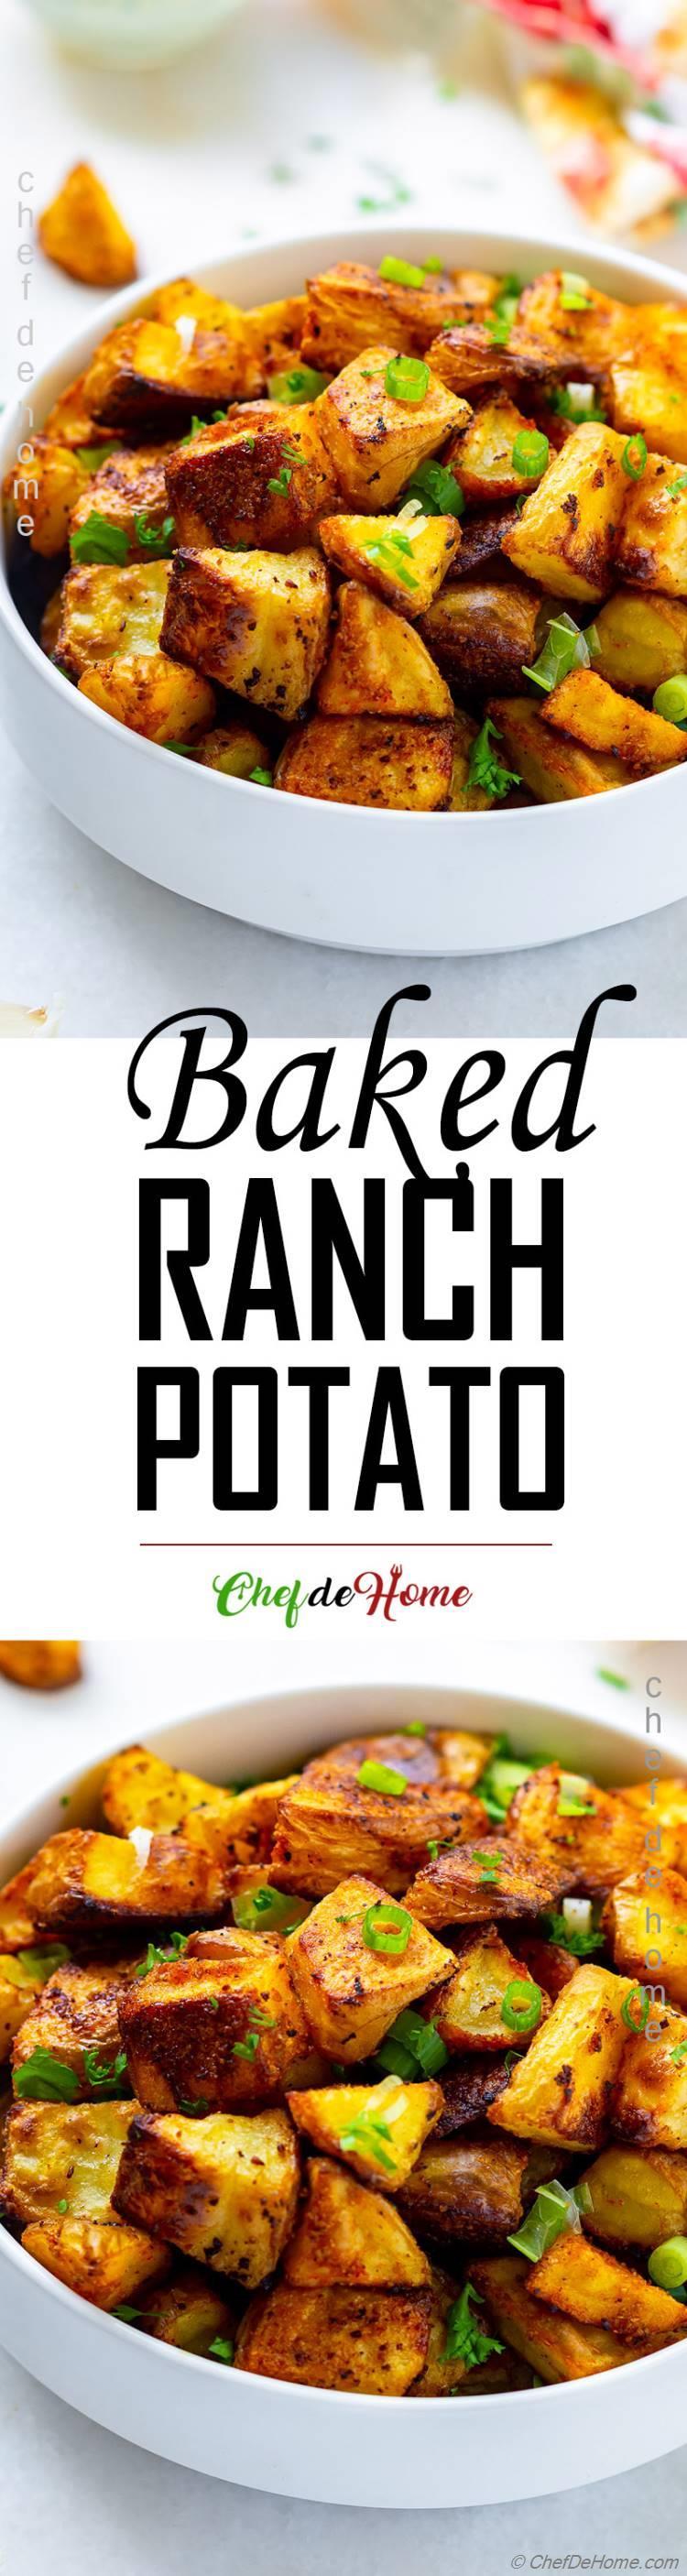 Baked Ranch Potato Recipe Crispy Potato Spicy and Easy